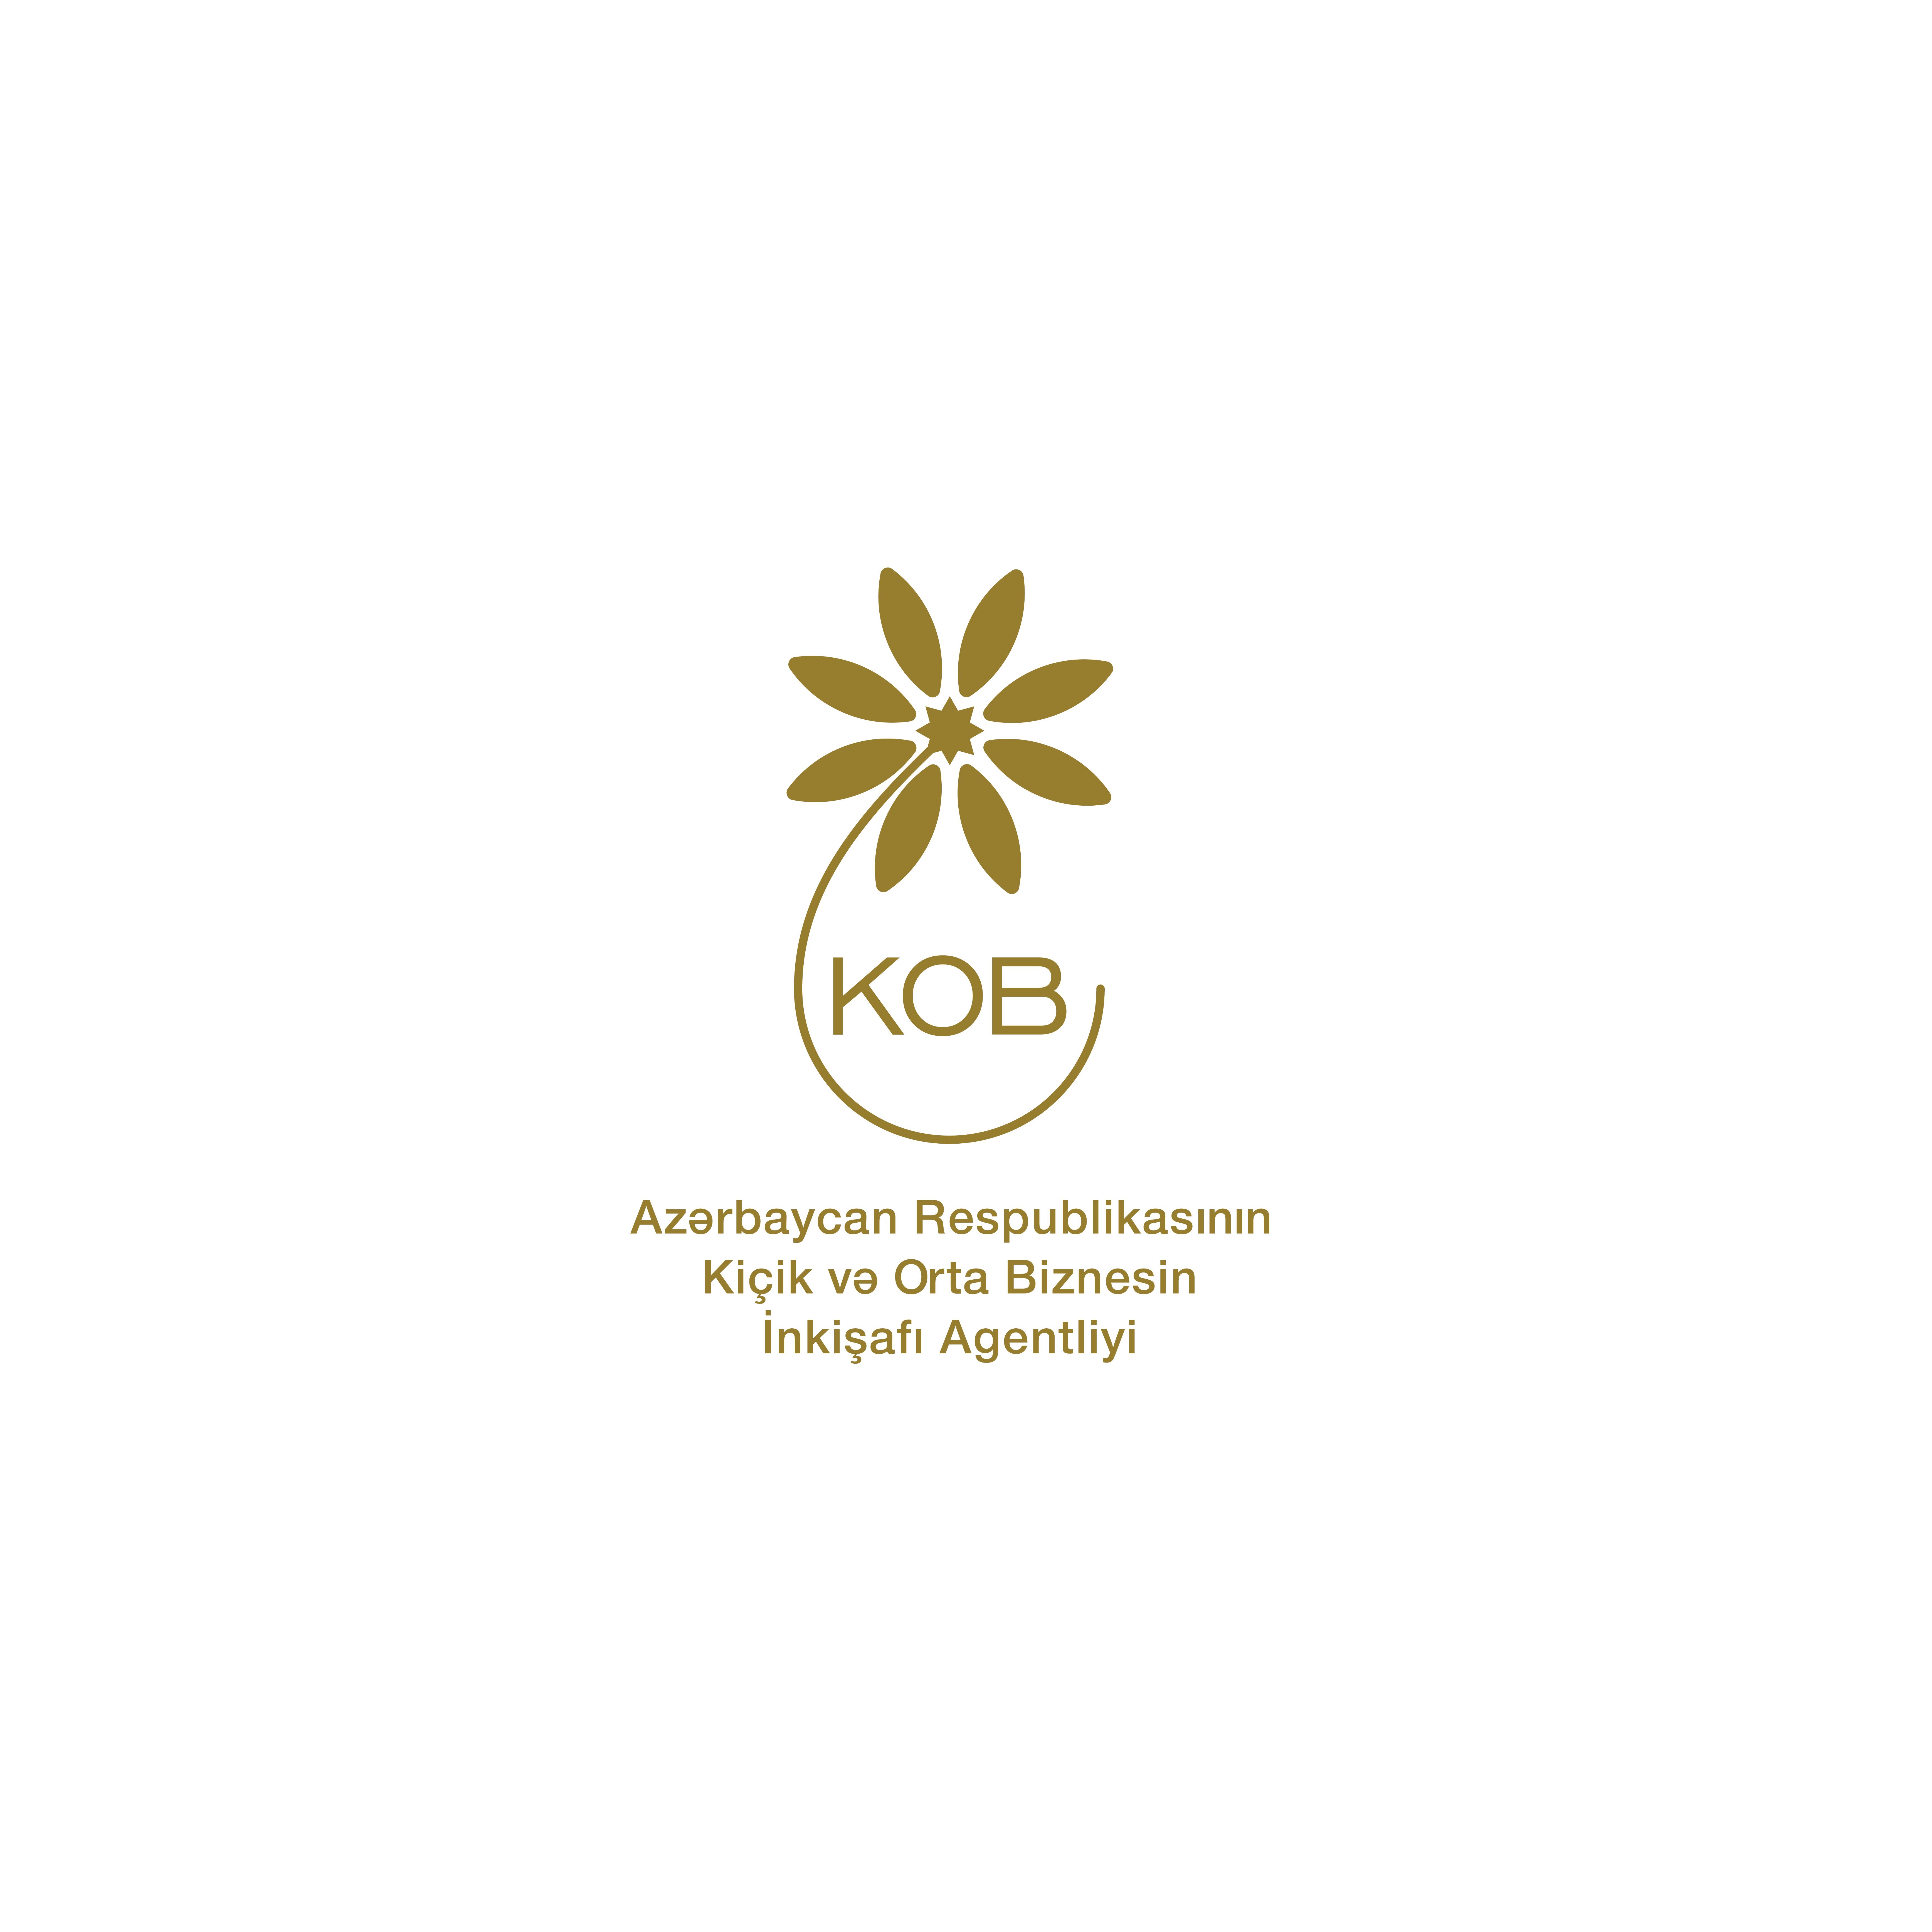 KOB-ların maliyyə savadlığının artırılması üçün vebinar təşkil edilib